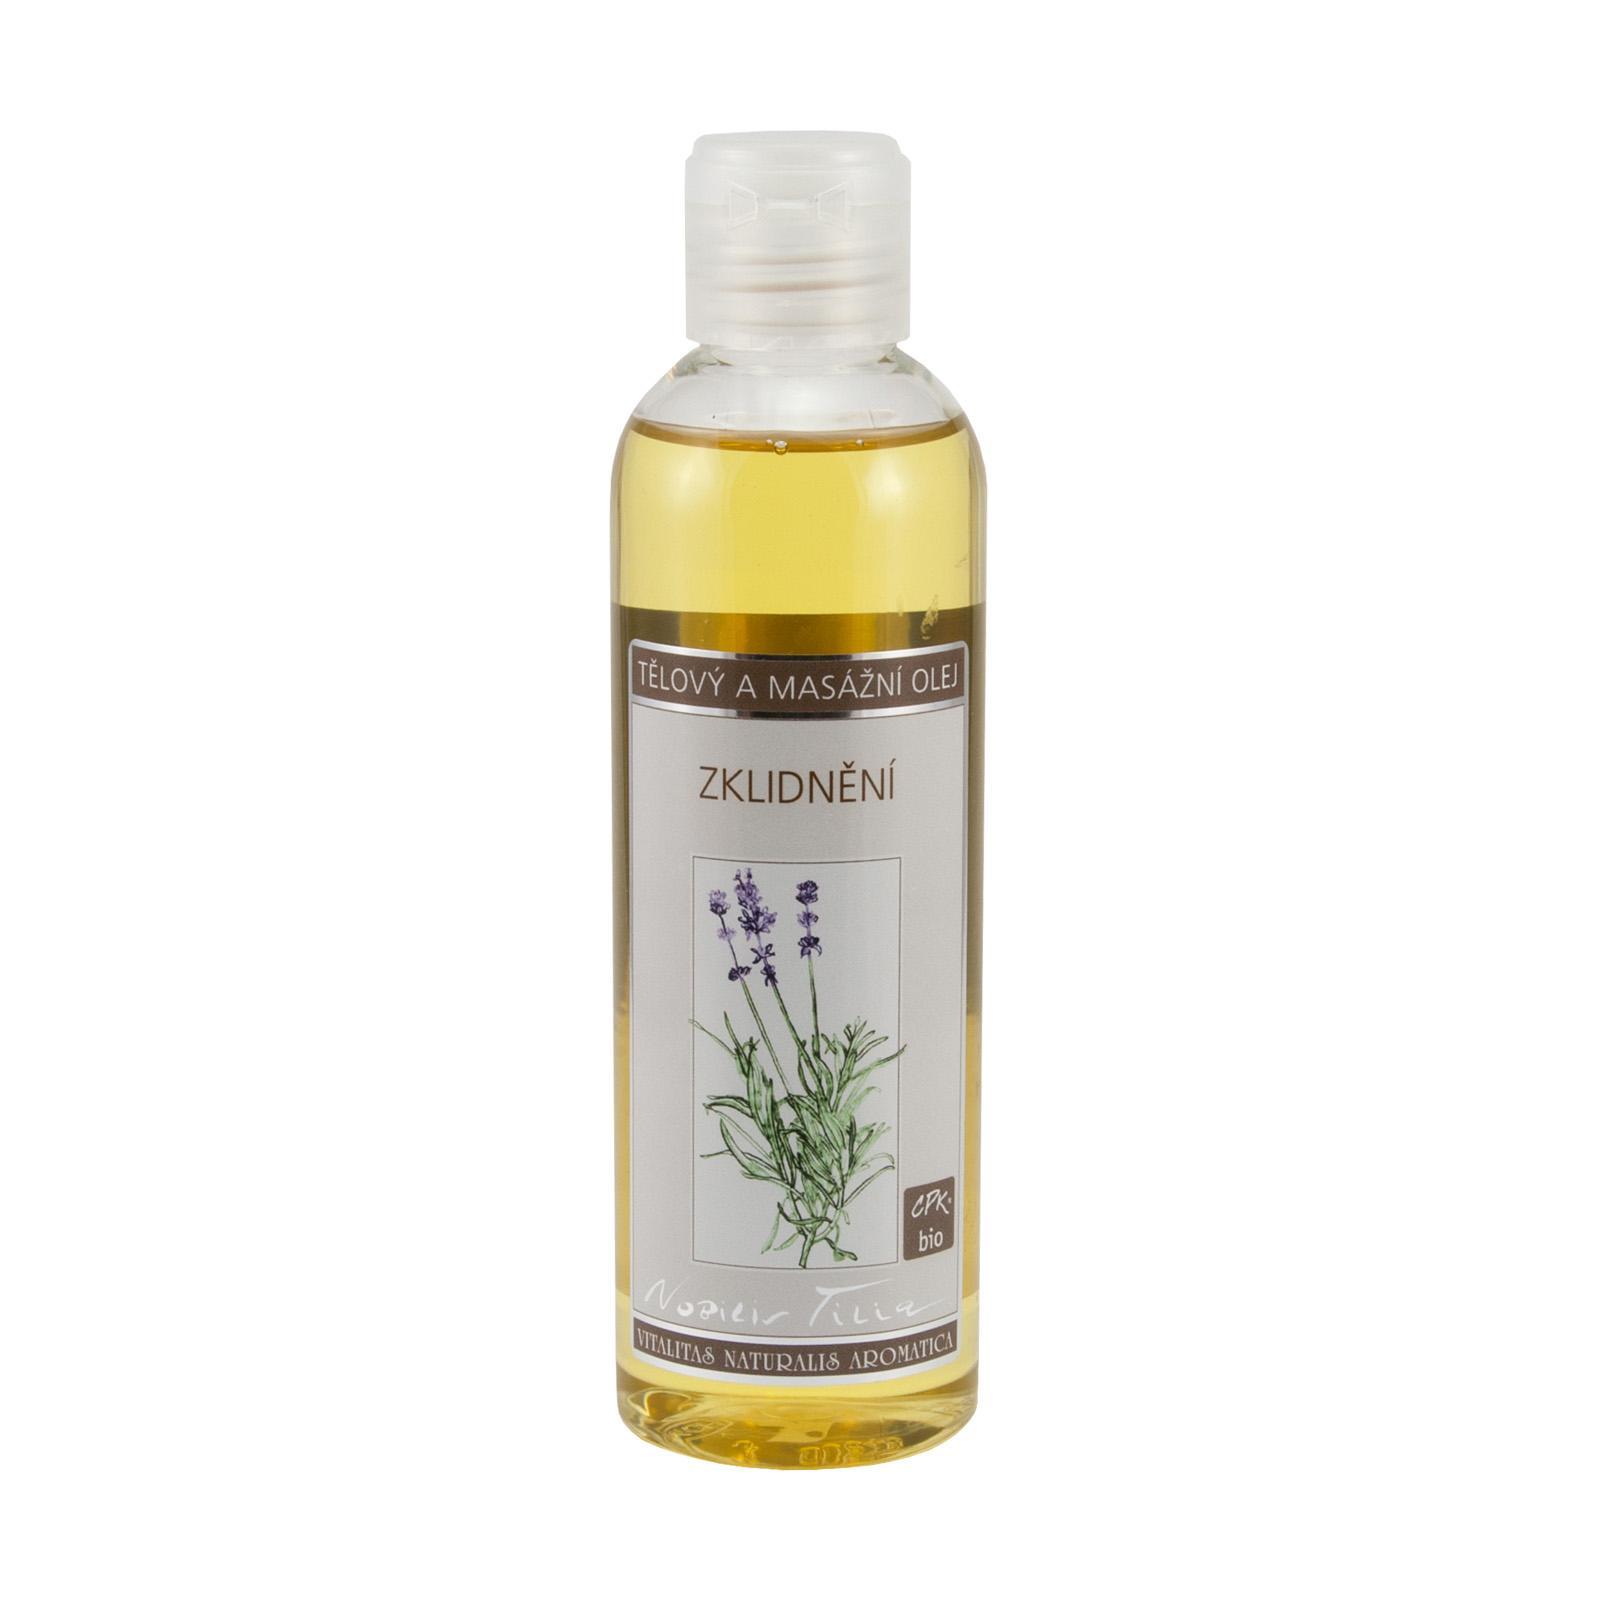 Nobilis Tilia Tělový a masážní olej Zklidnění 200 ml